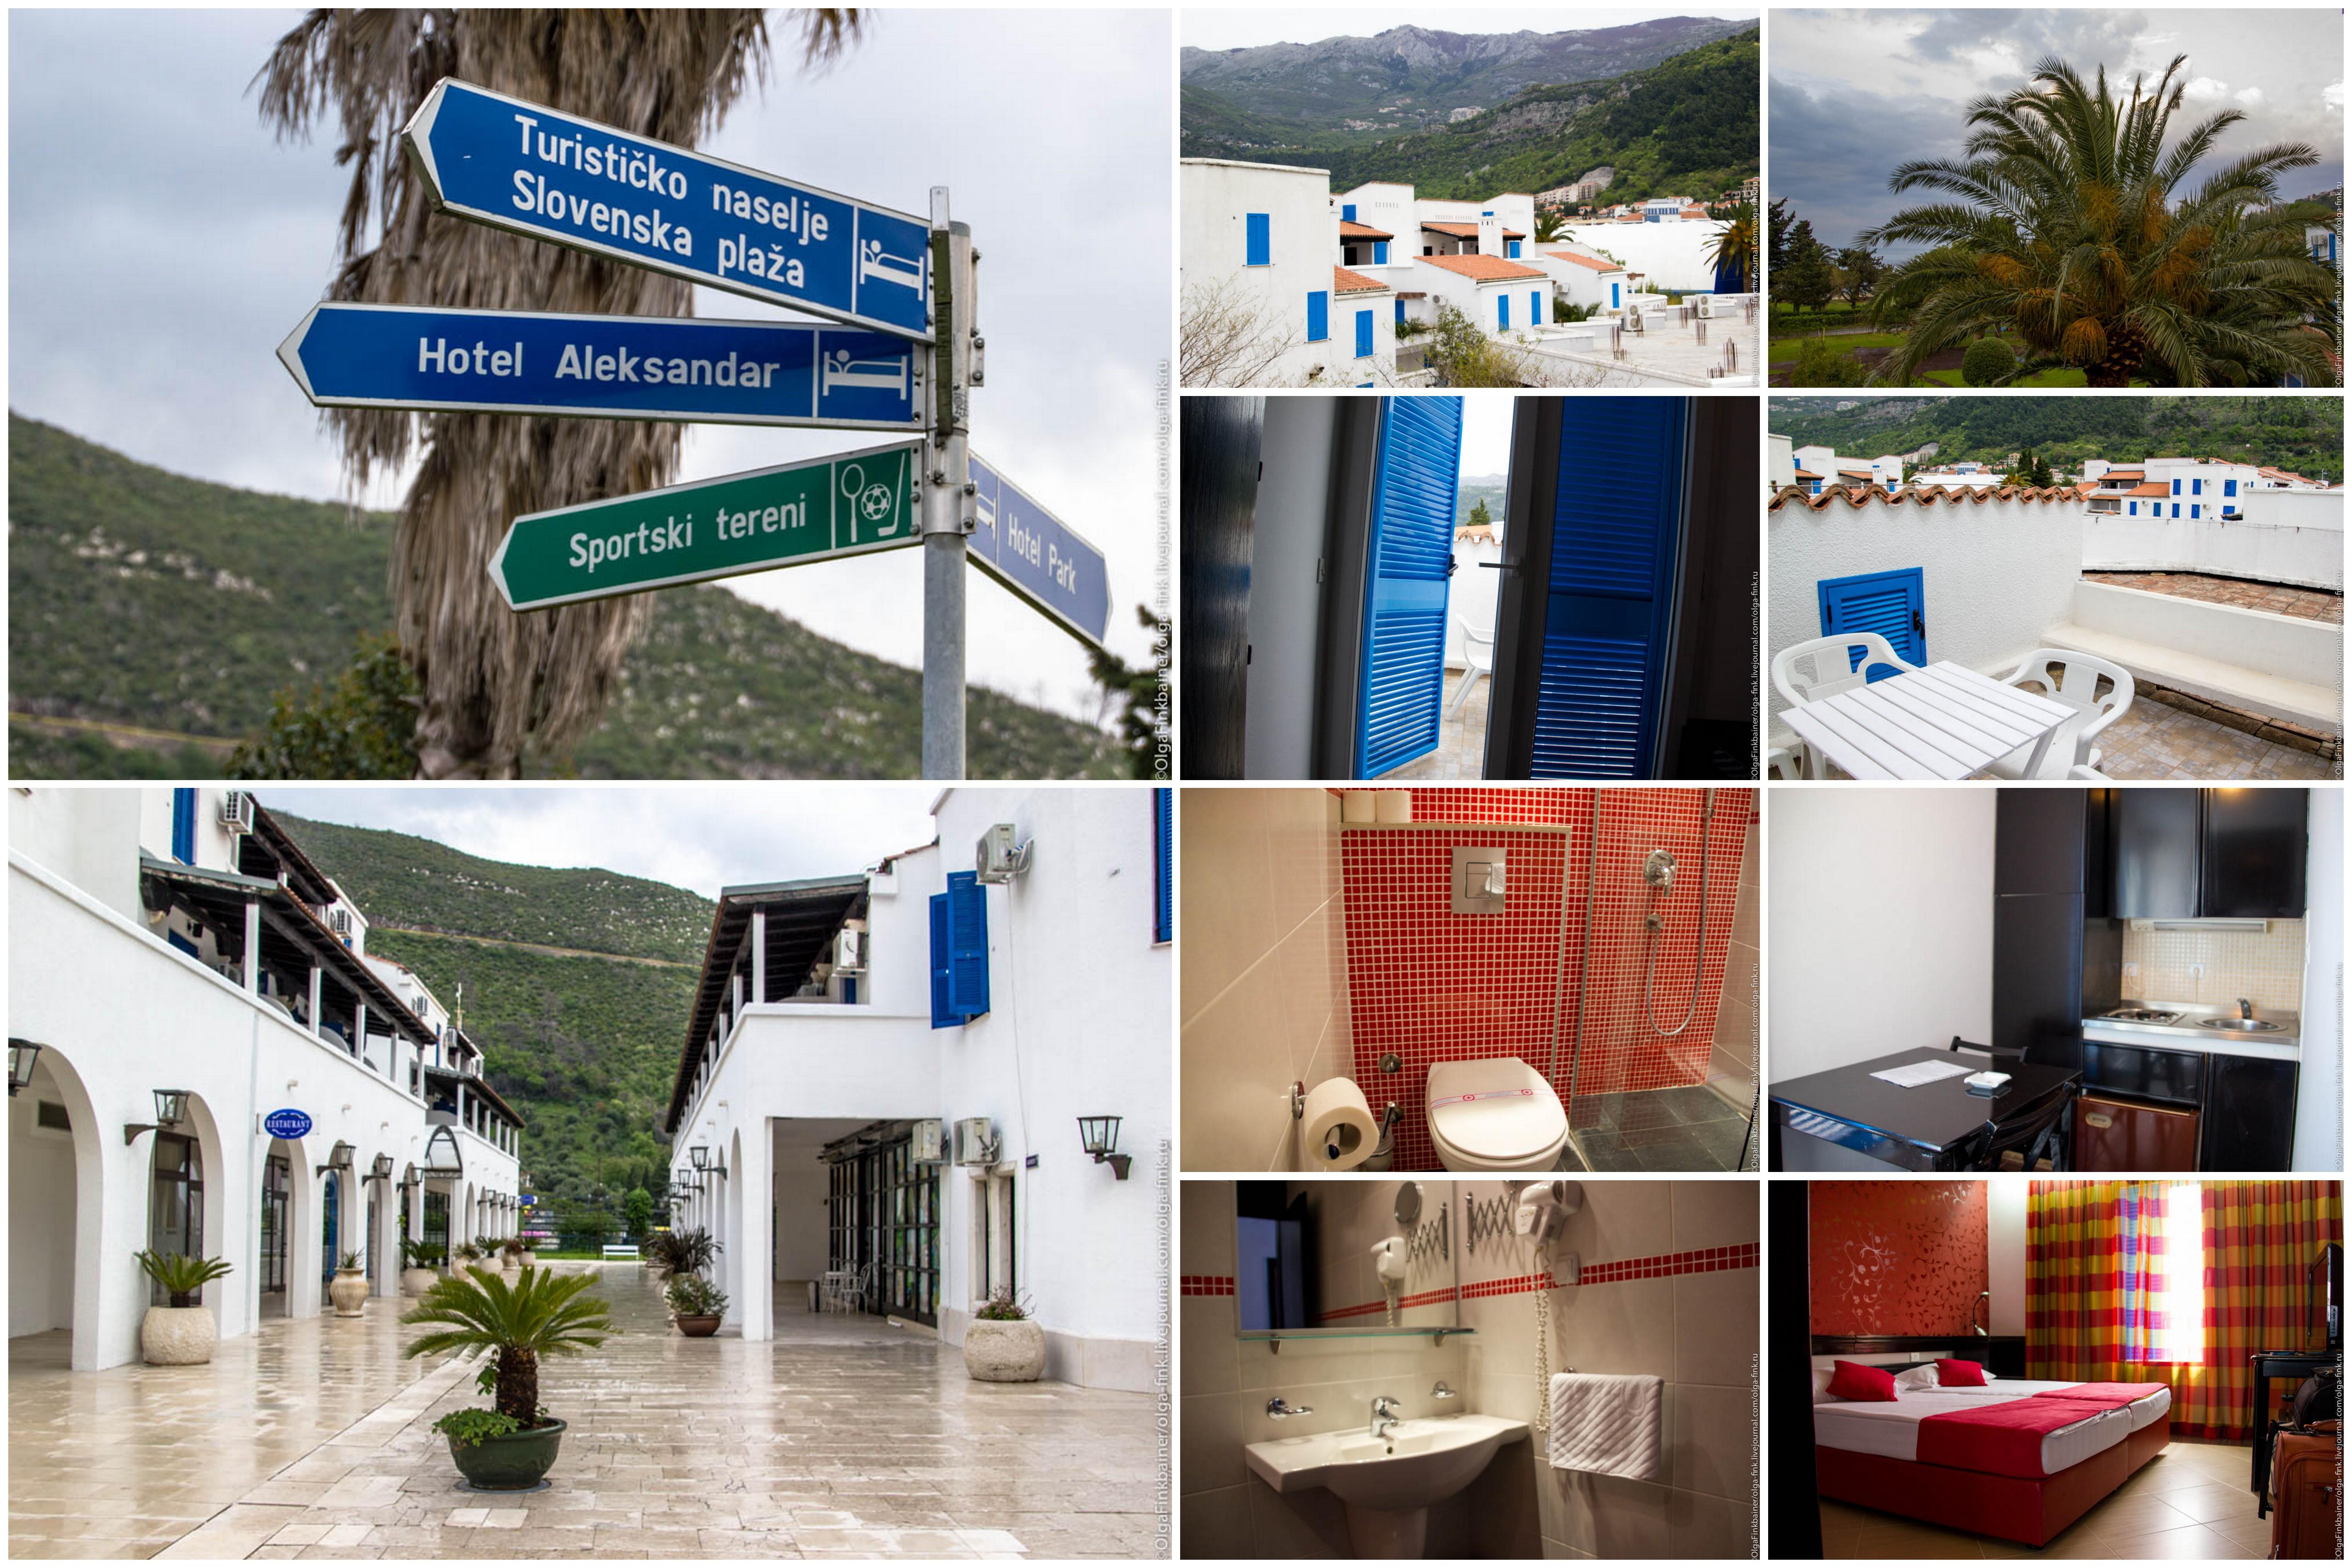 Отзыв об отеле Aleksandar, Budva, Montenegro